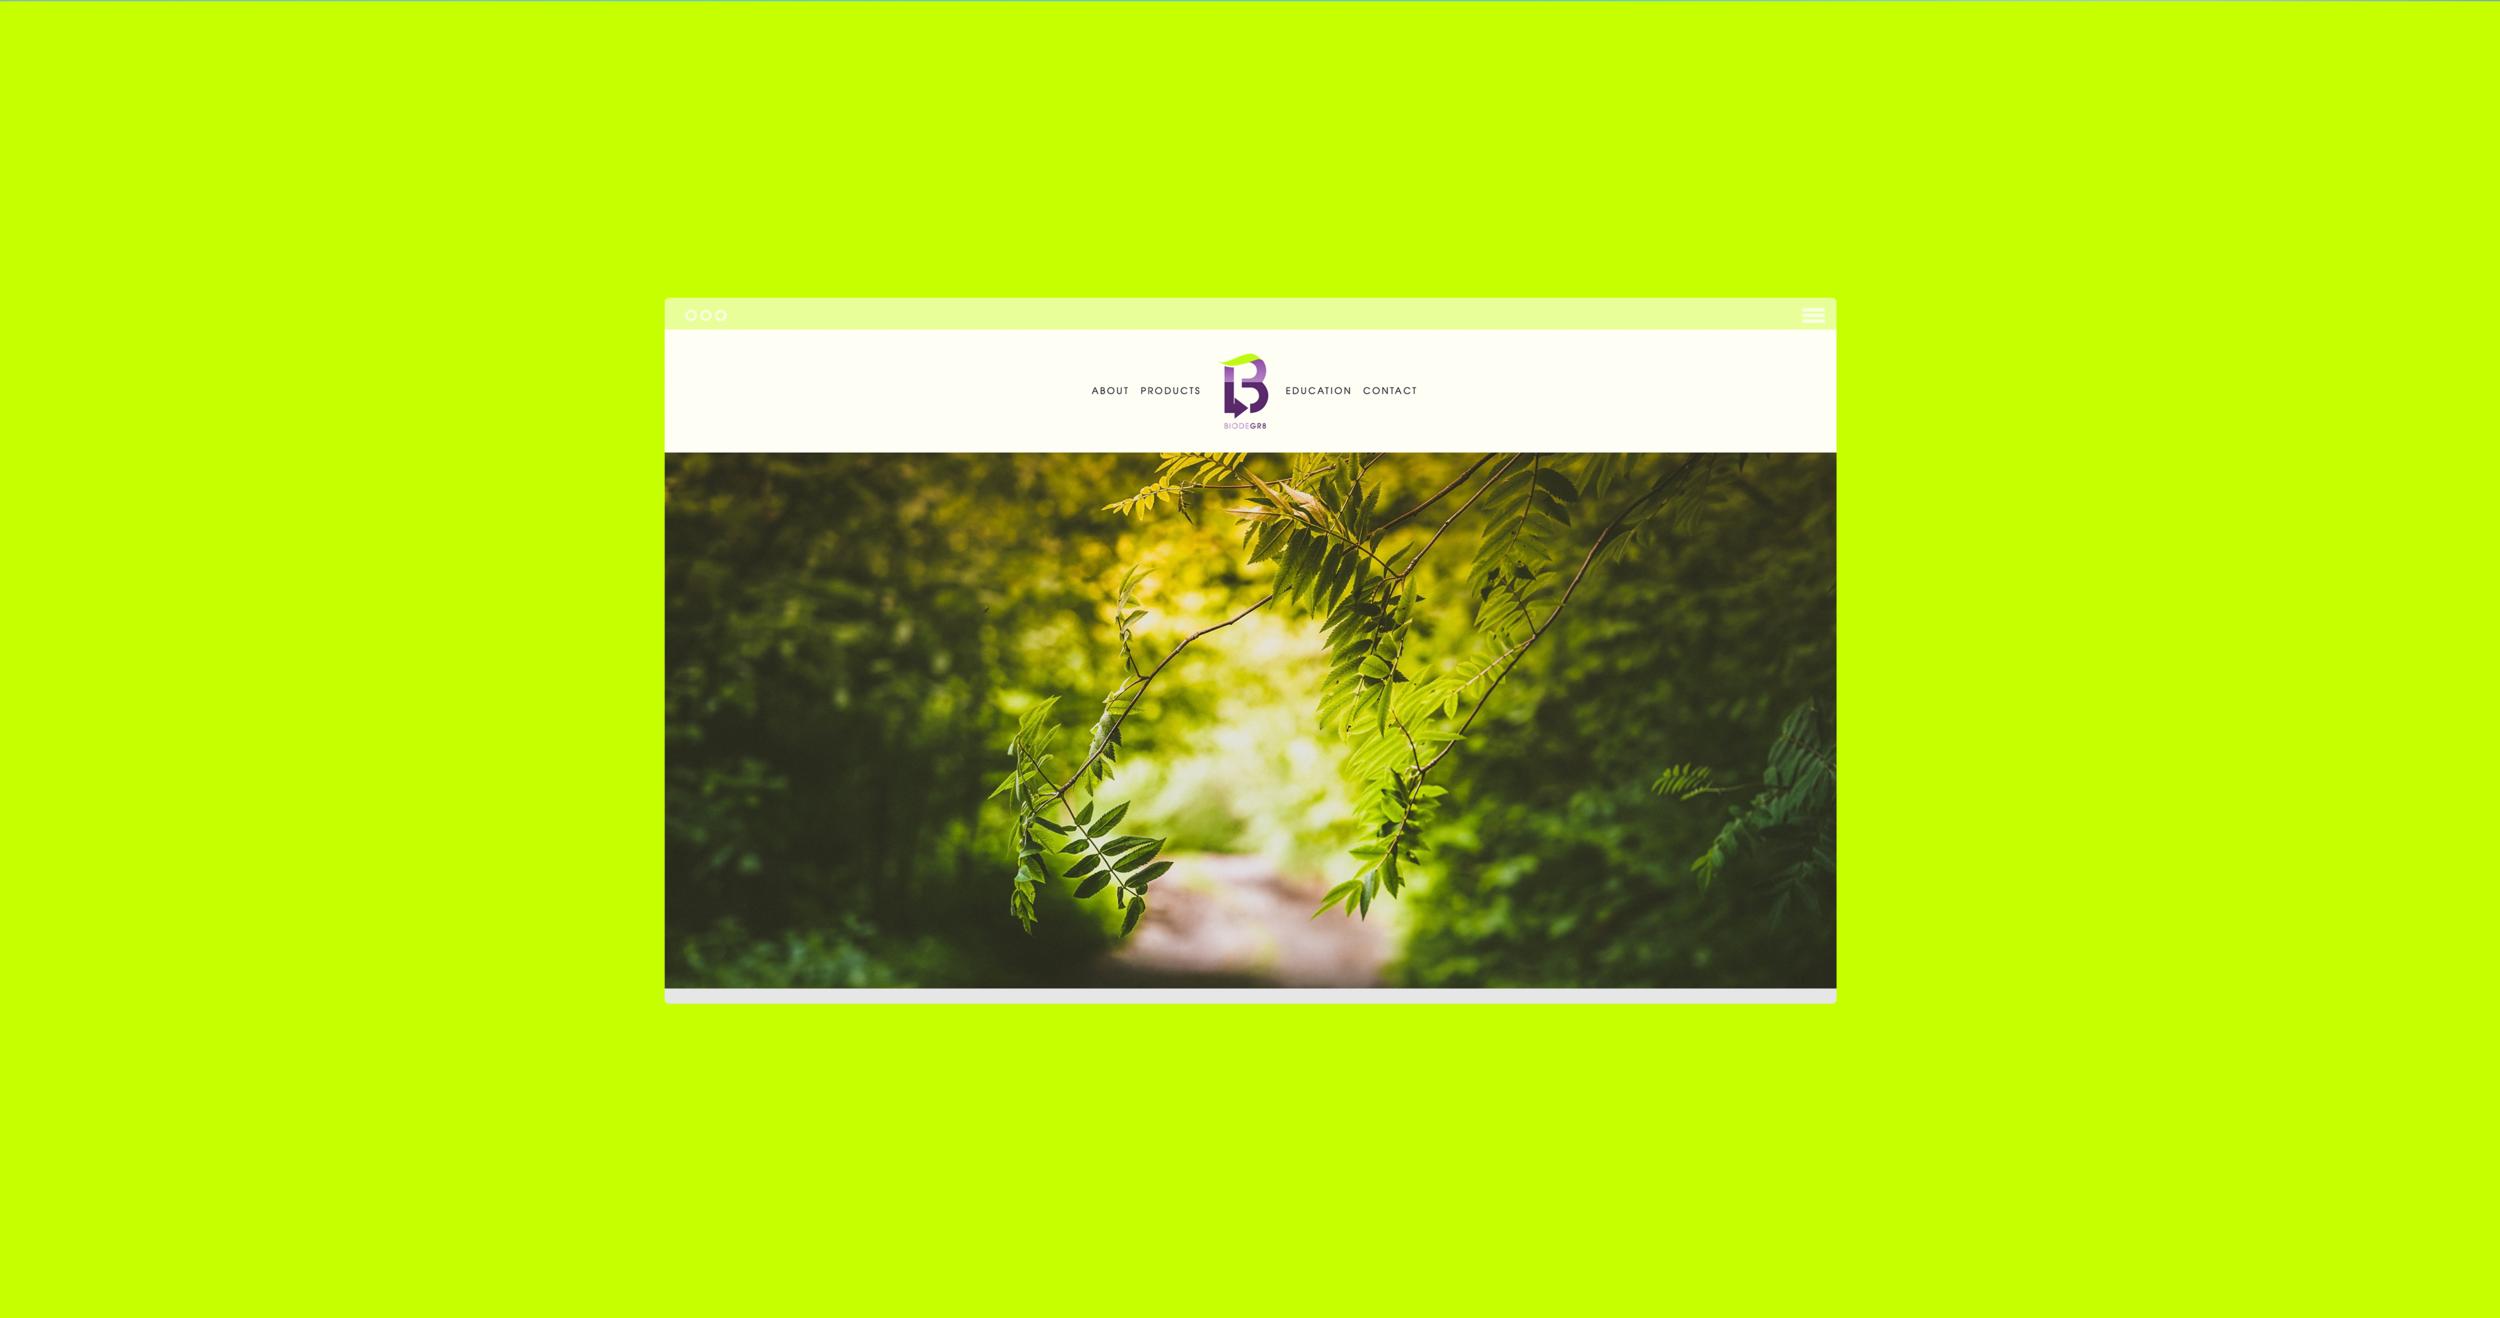 biodegr8.png